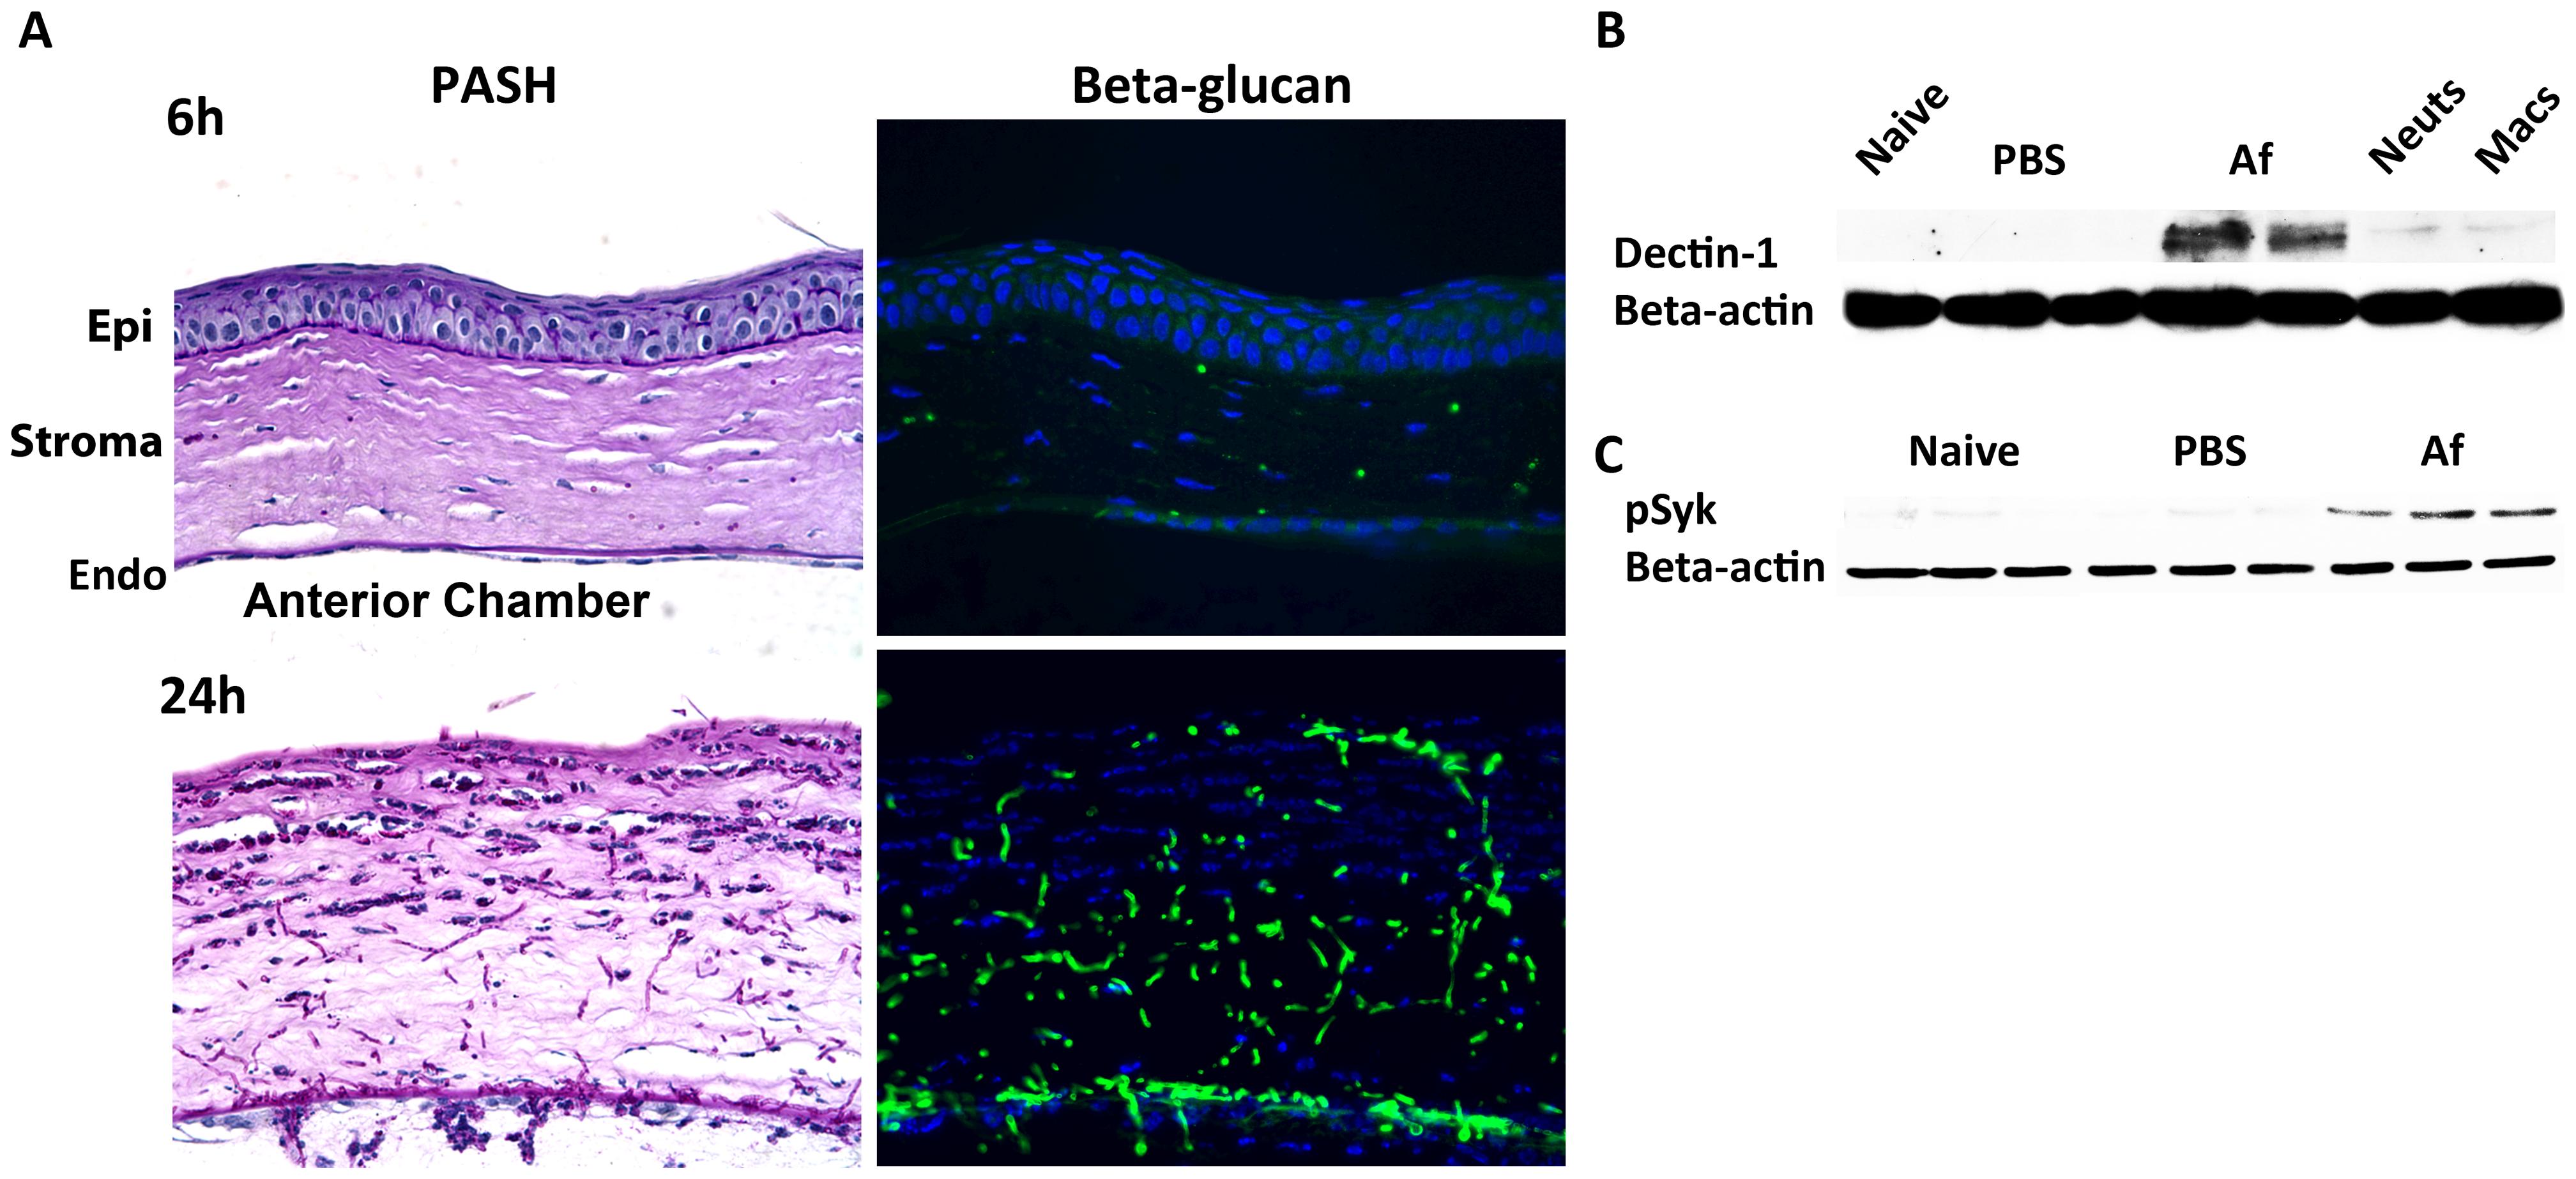 β-glucan expression and Dectin-1 signaling in <i>A. fumigatus</i> keratitis.